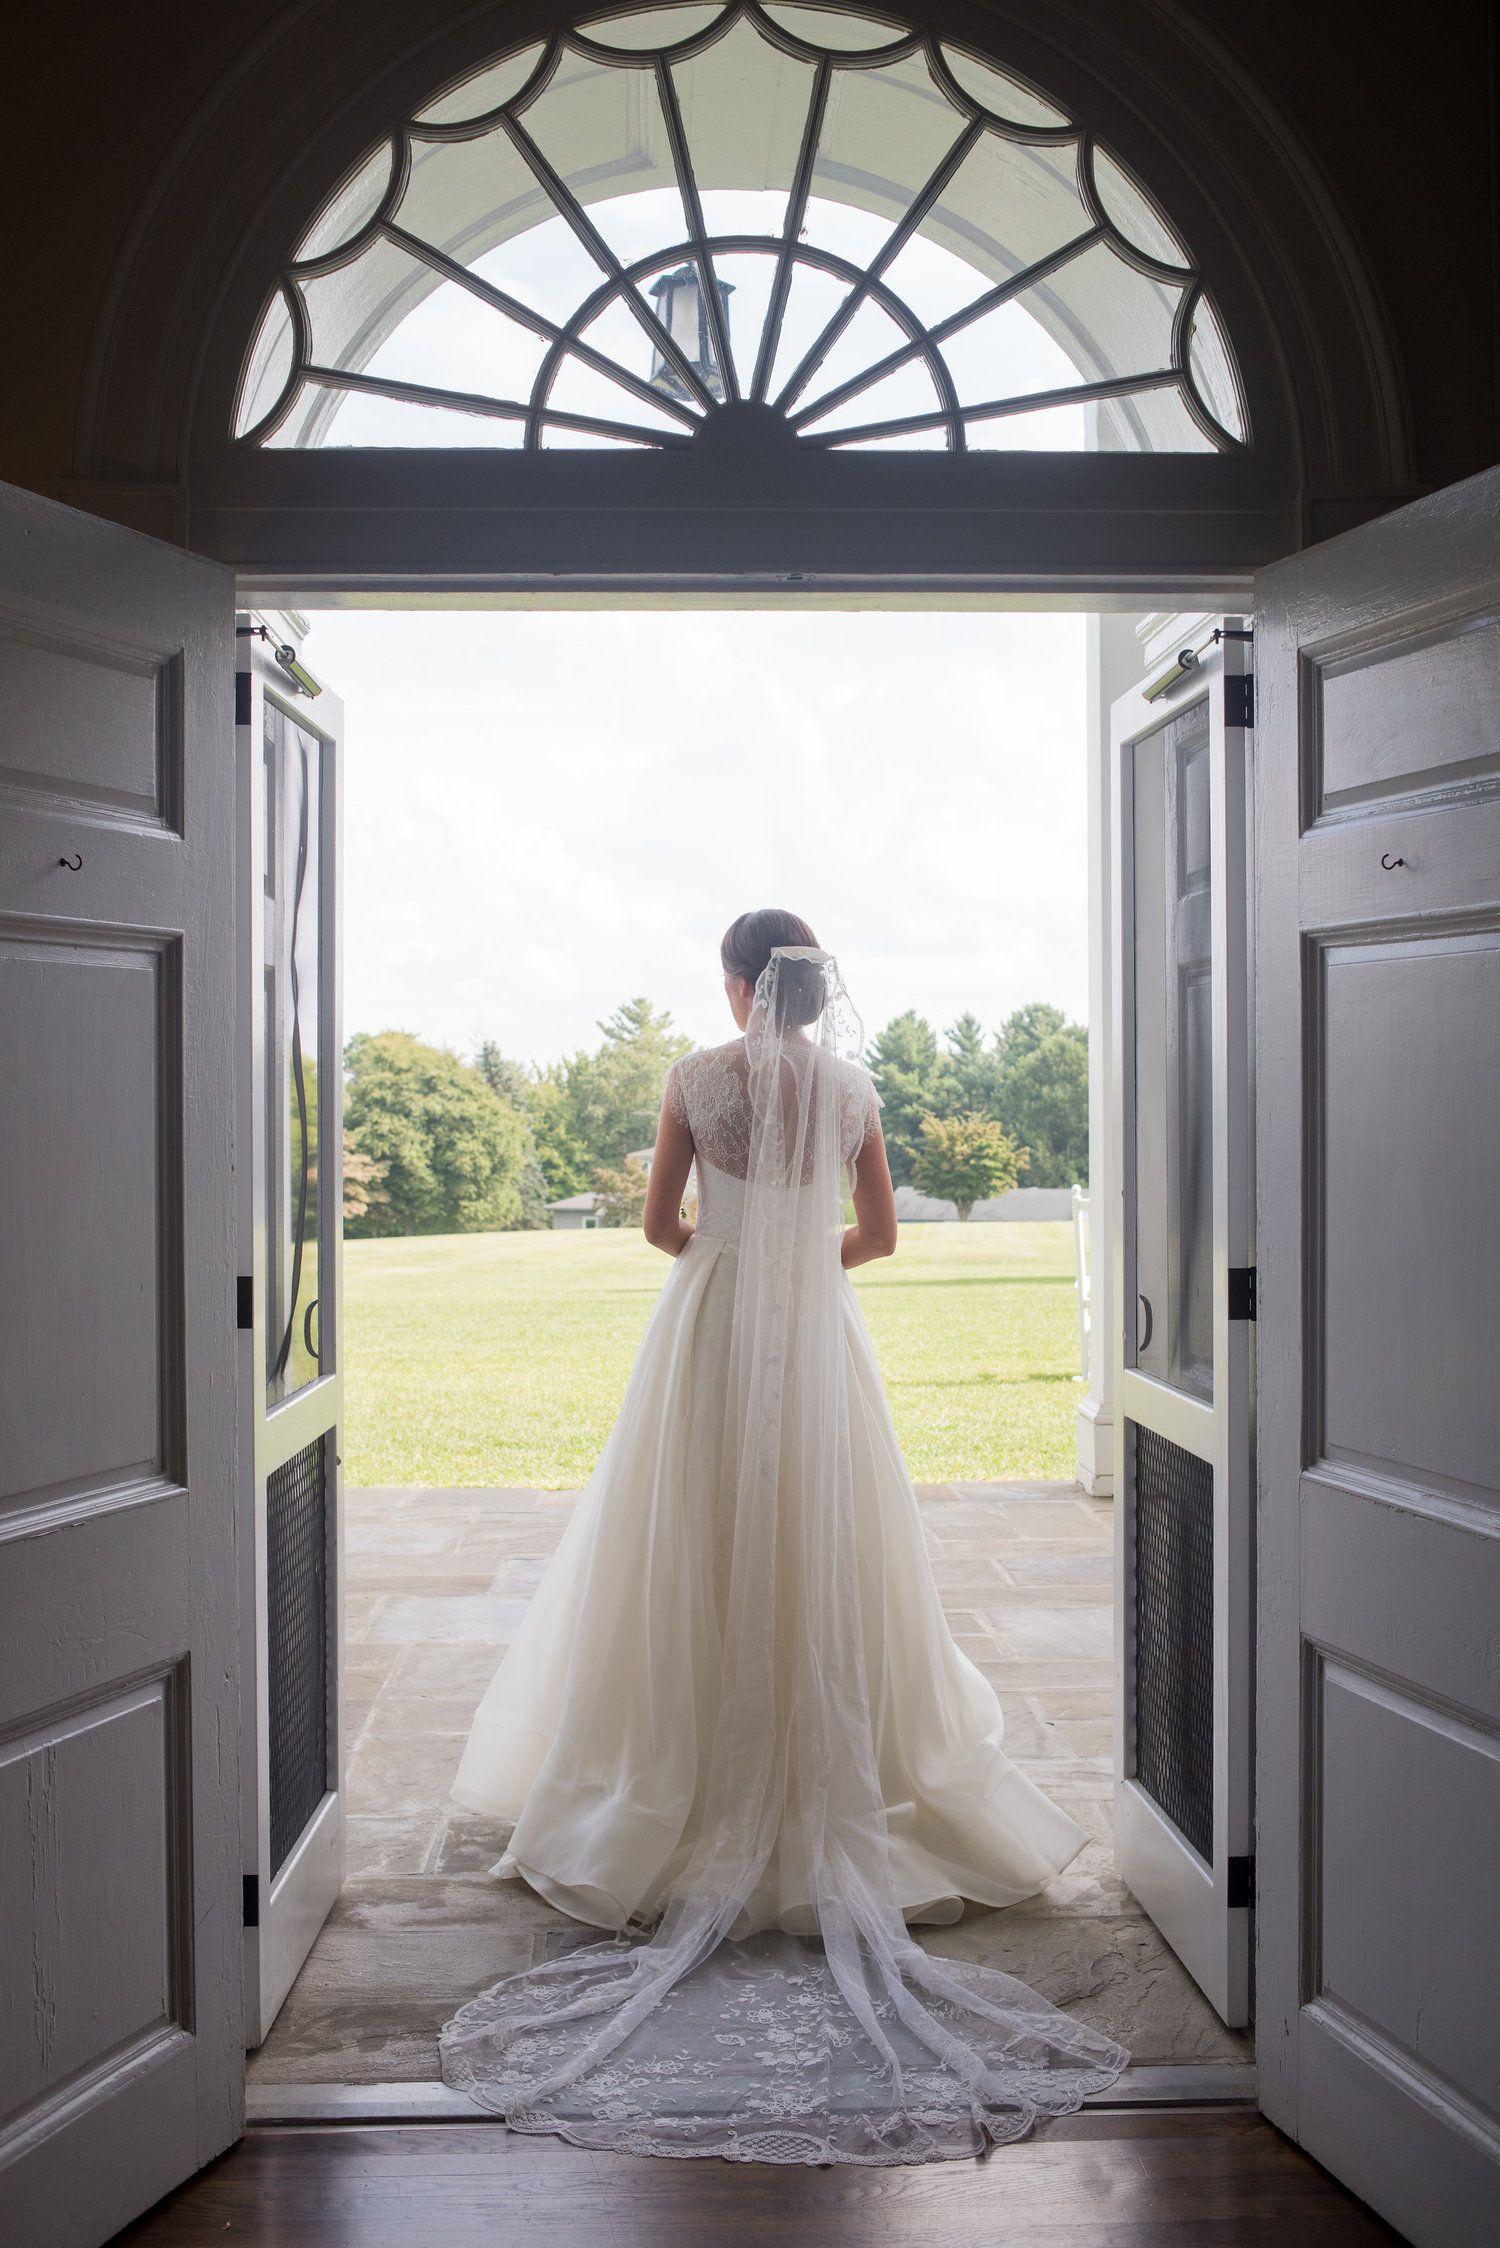 North Carolina Wedding, Events by Reagan, Destination